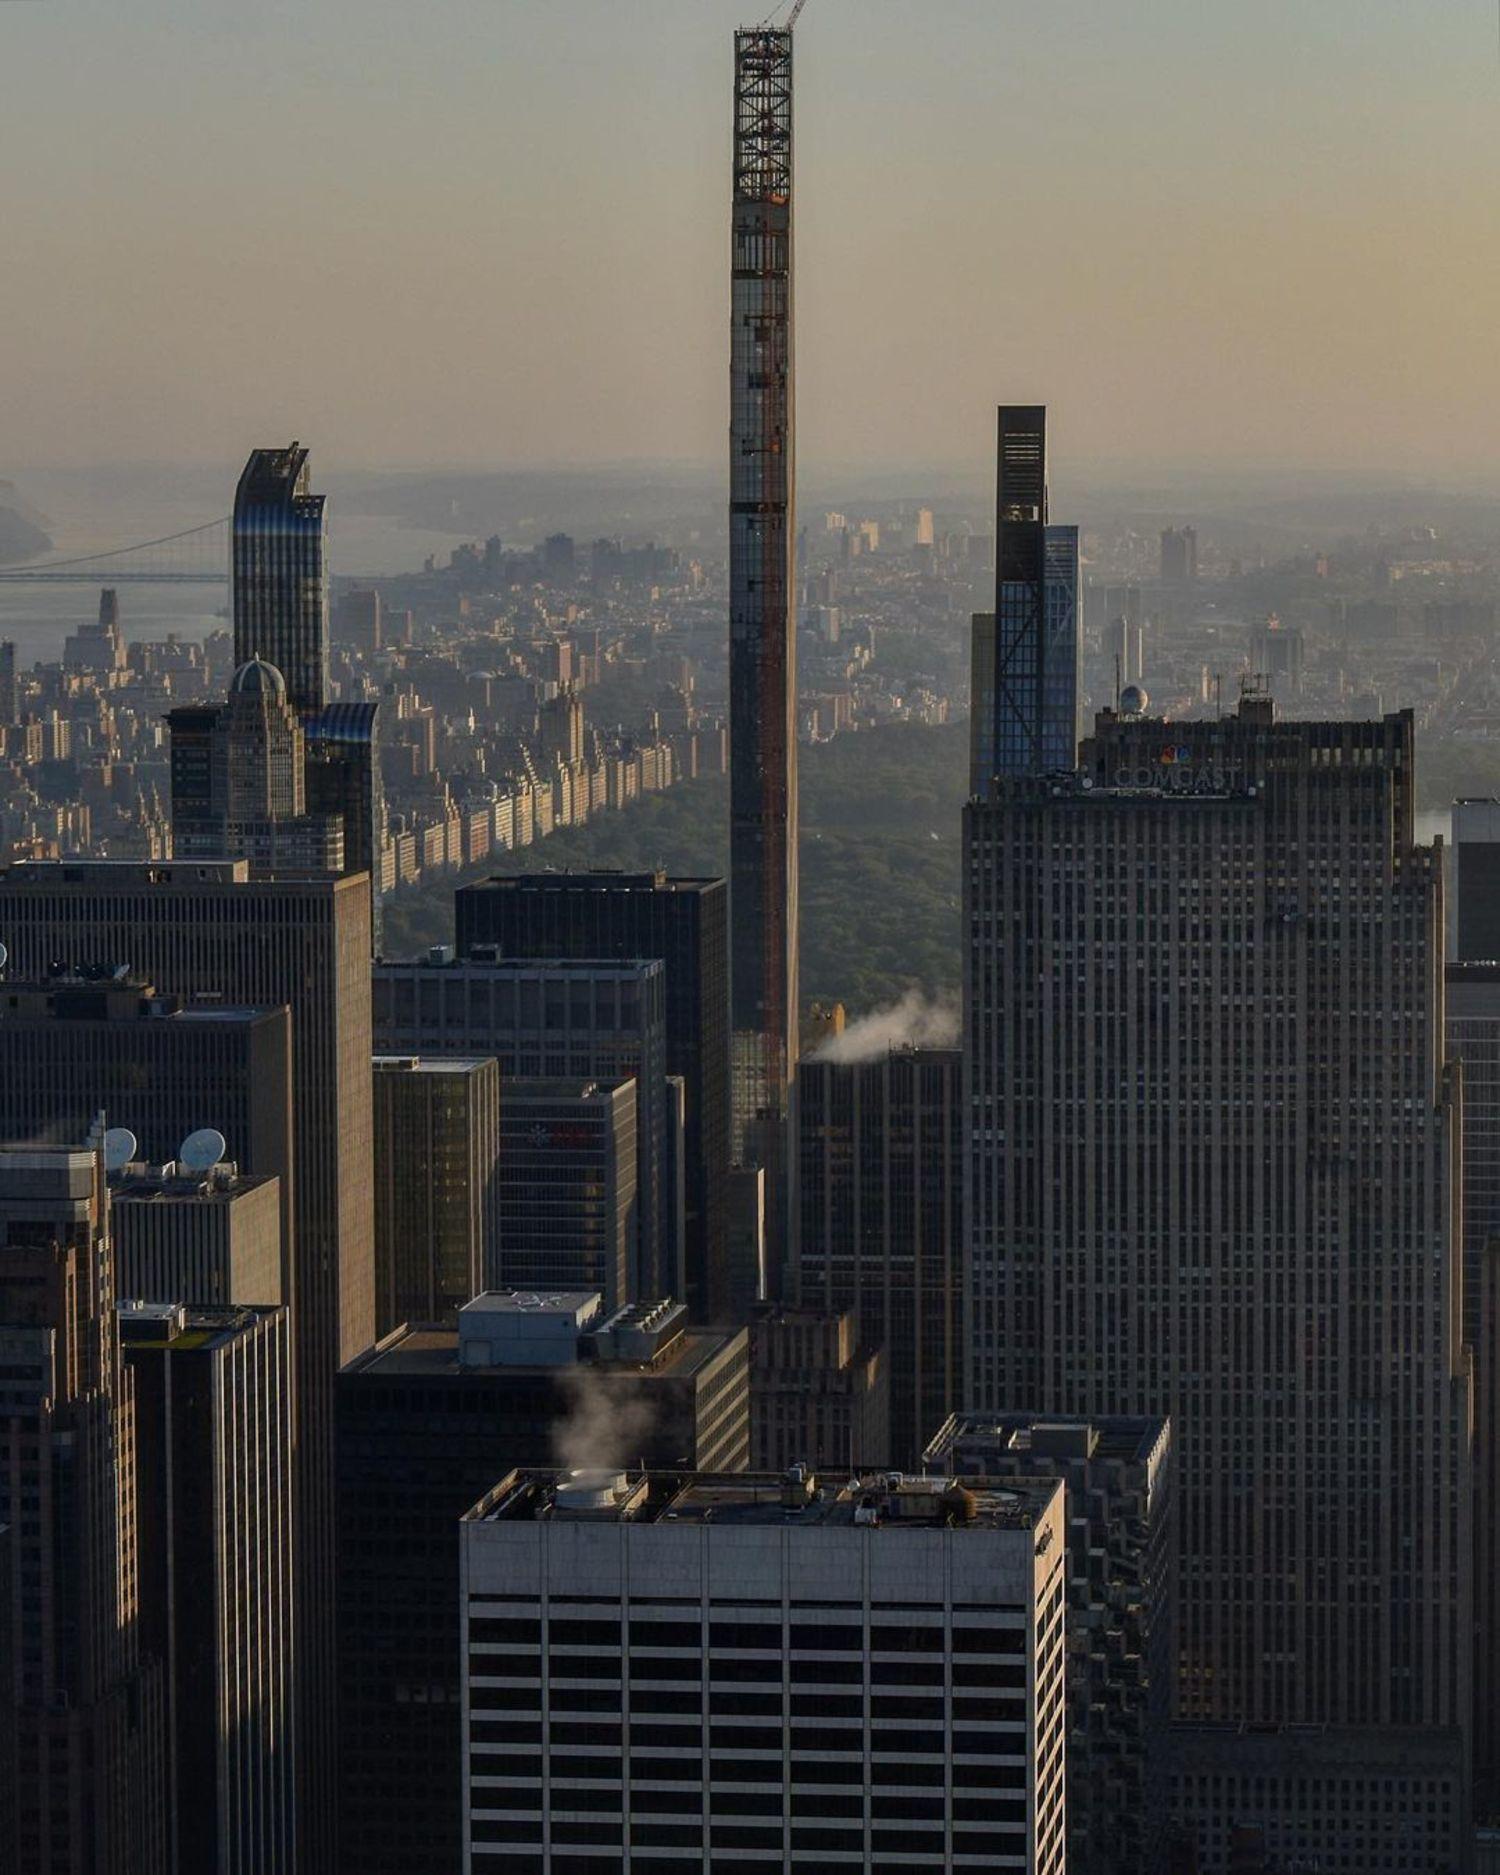 Billionaire's Row, Manhattan